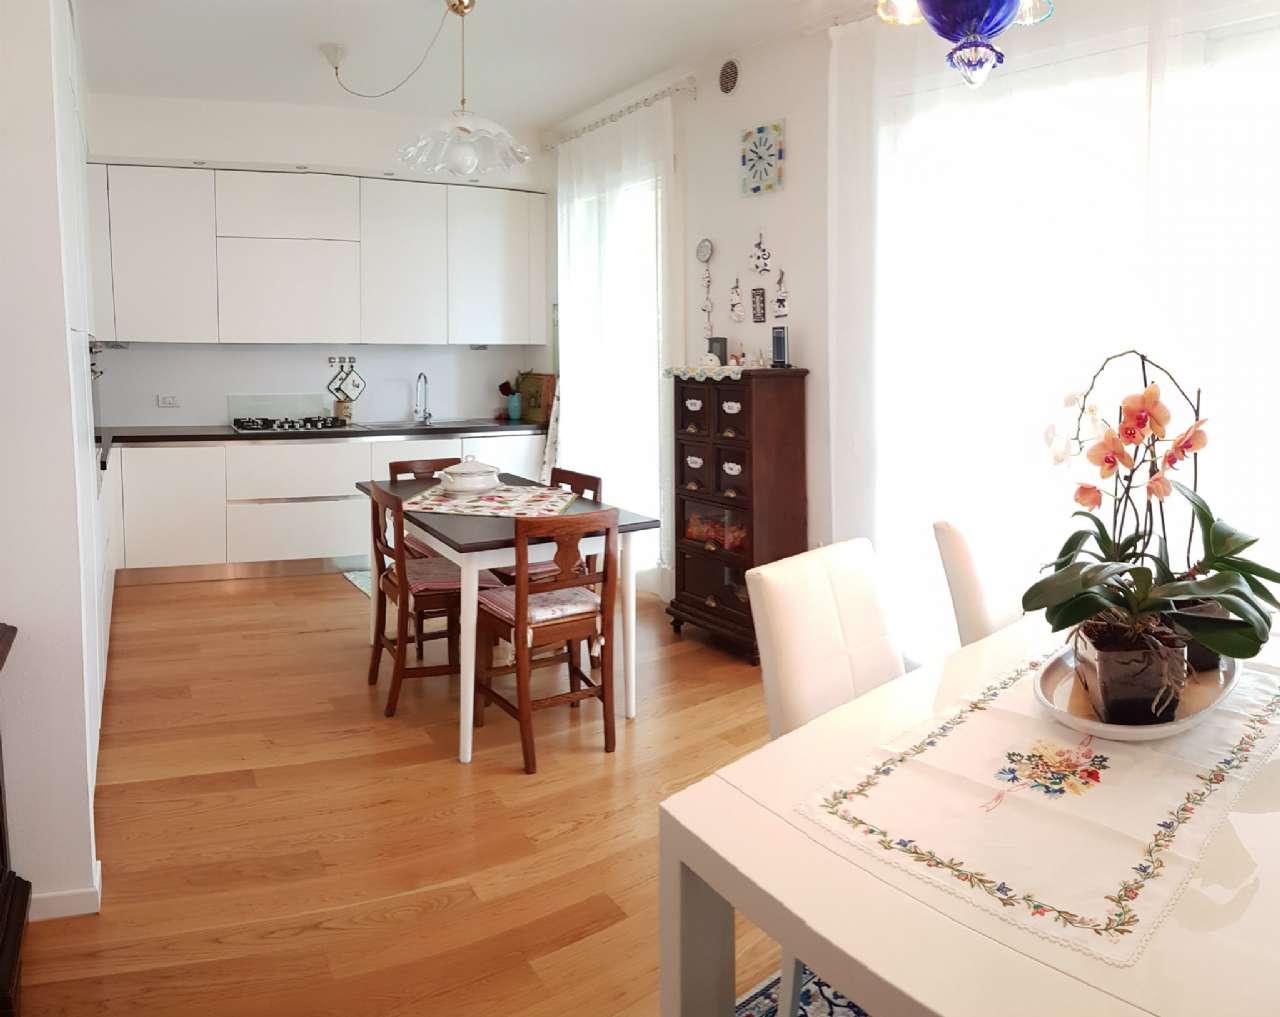 Villa in vendita a Spinea, 6 locali, prezzo € 360.000 | CambioCasa.it